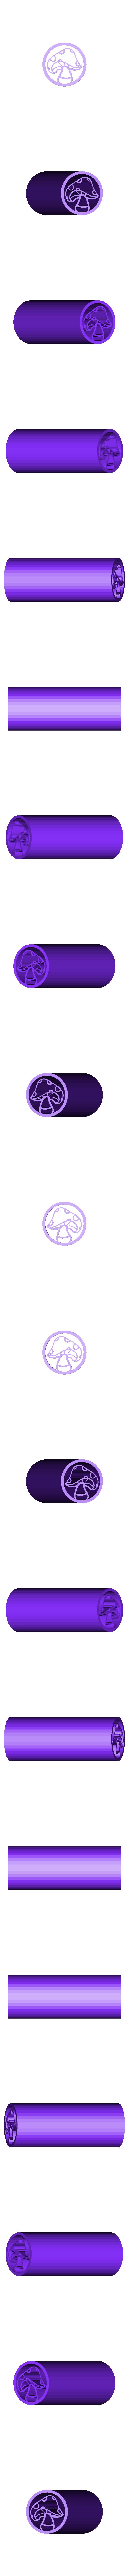 setas1.STL Télécharger fichier STL 36 CONSEILS SUR LES FILTRES À MAUVAISES HERBES VOL.1+2+3+4 • Design pour impression 3D, SnakeCreations